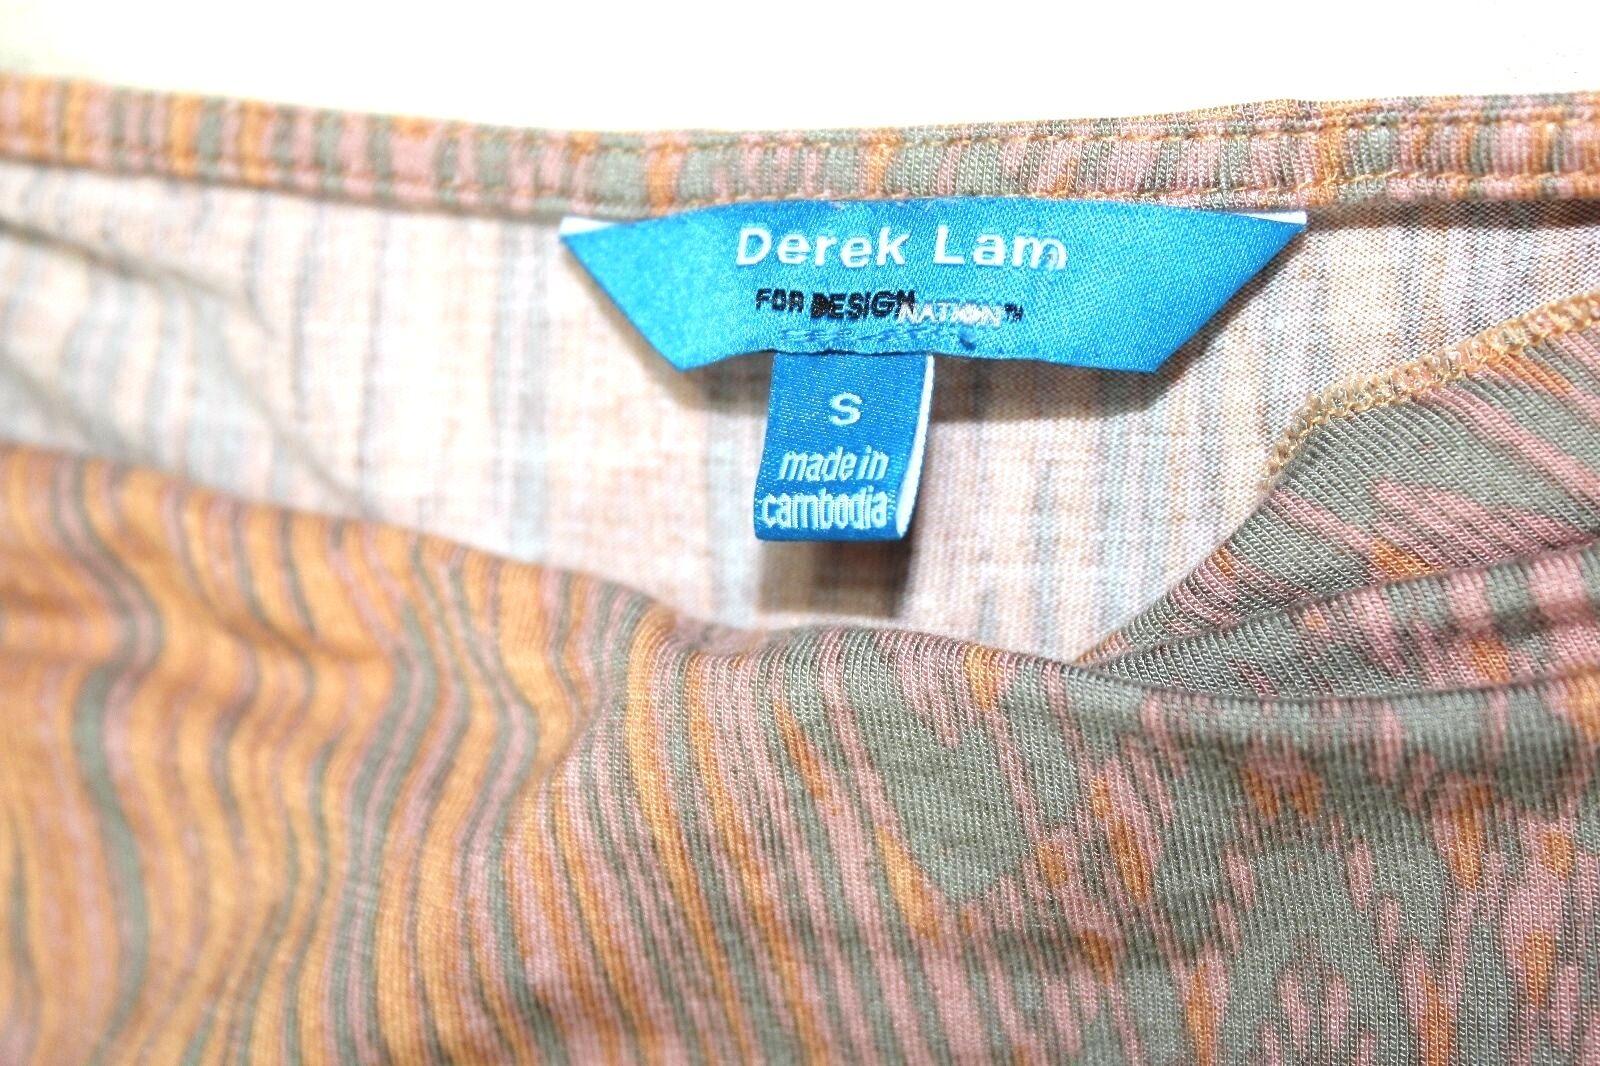 Derek Lam - S - Nuovo senza Etichetta - - - Arancione & Grigio Astratto Watercolore 549eef